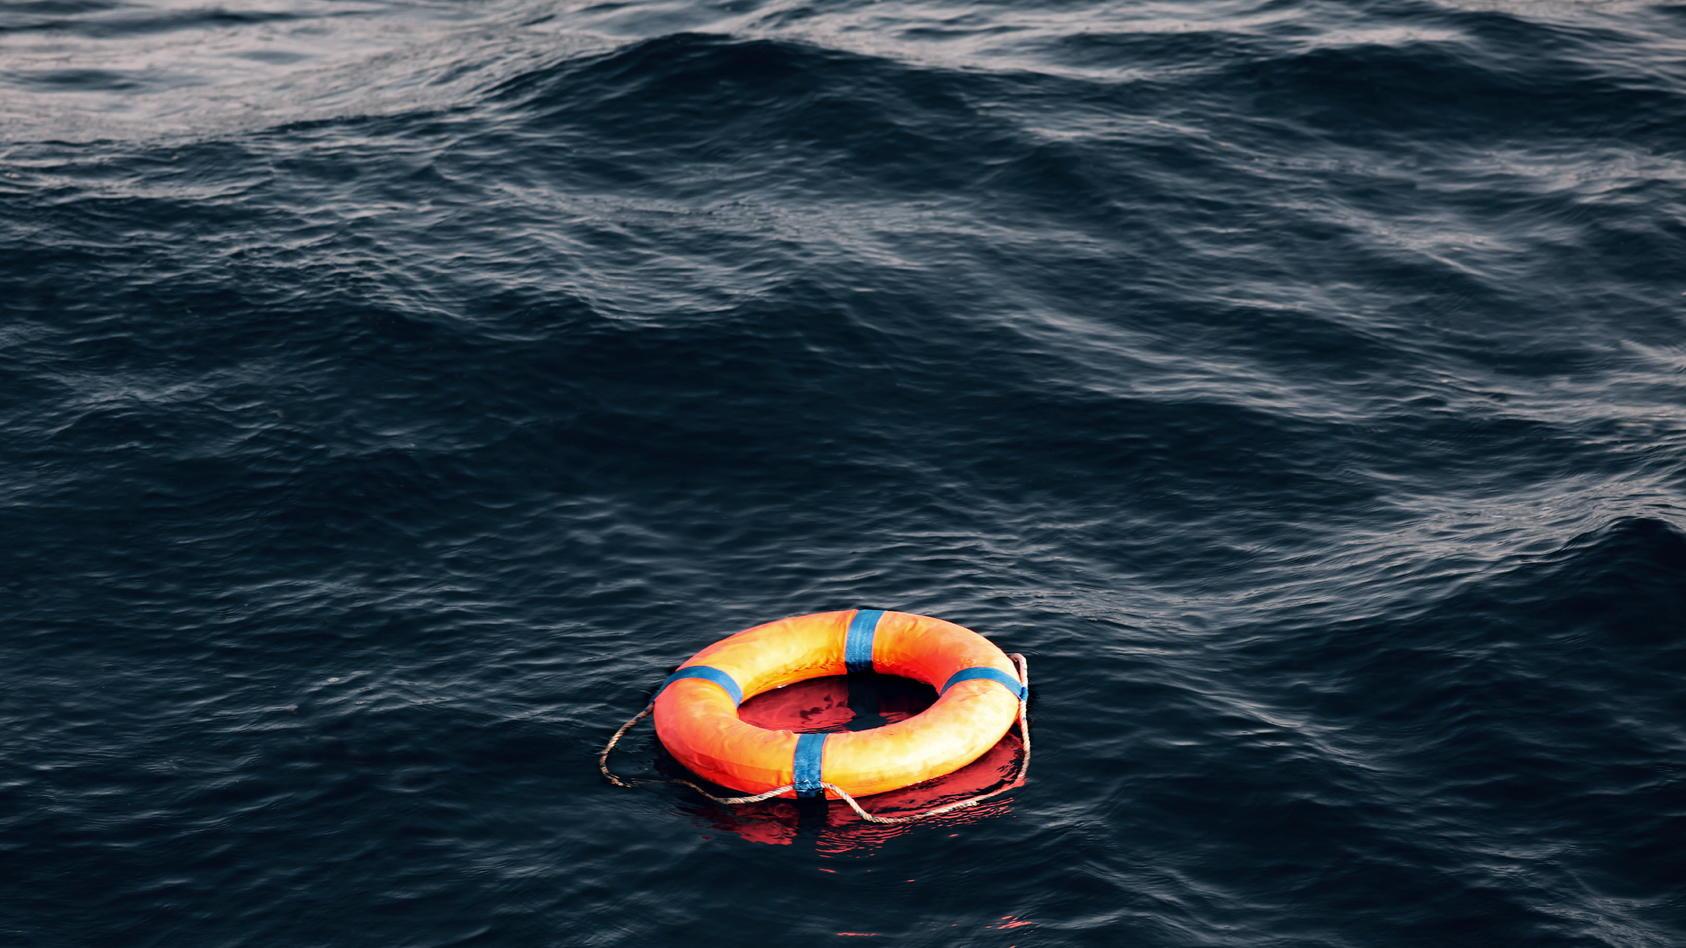 Seenotrettung im Mittelmeer - Motivbild